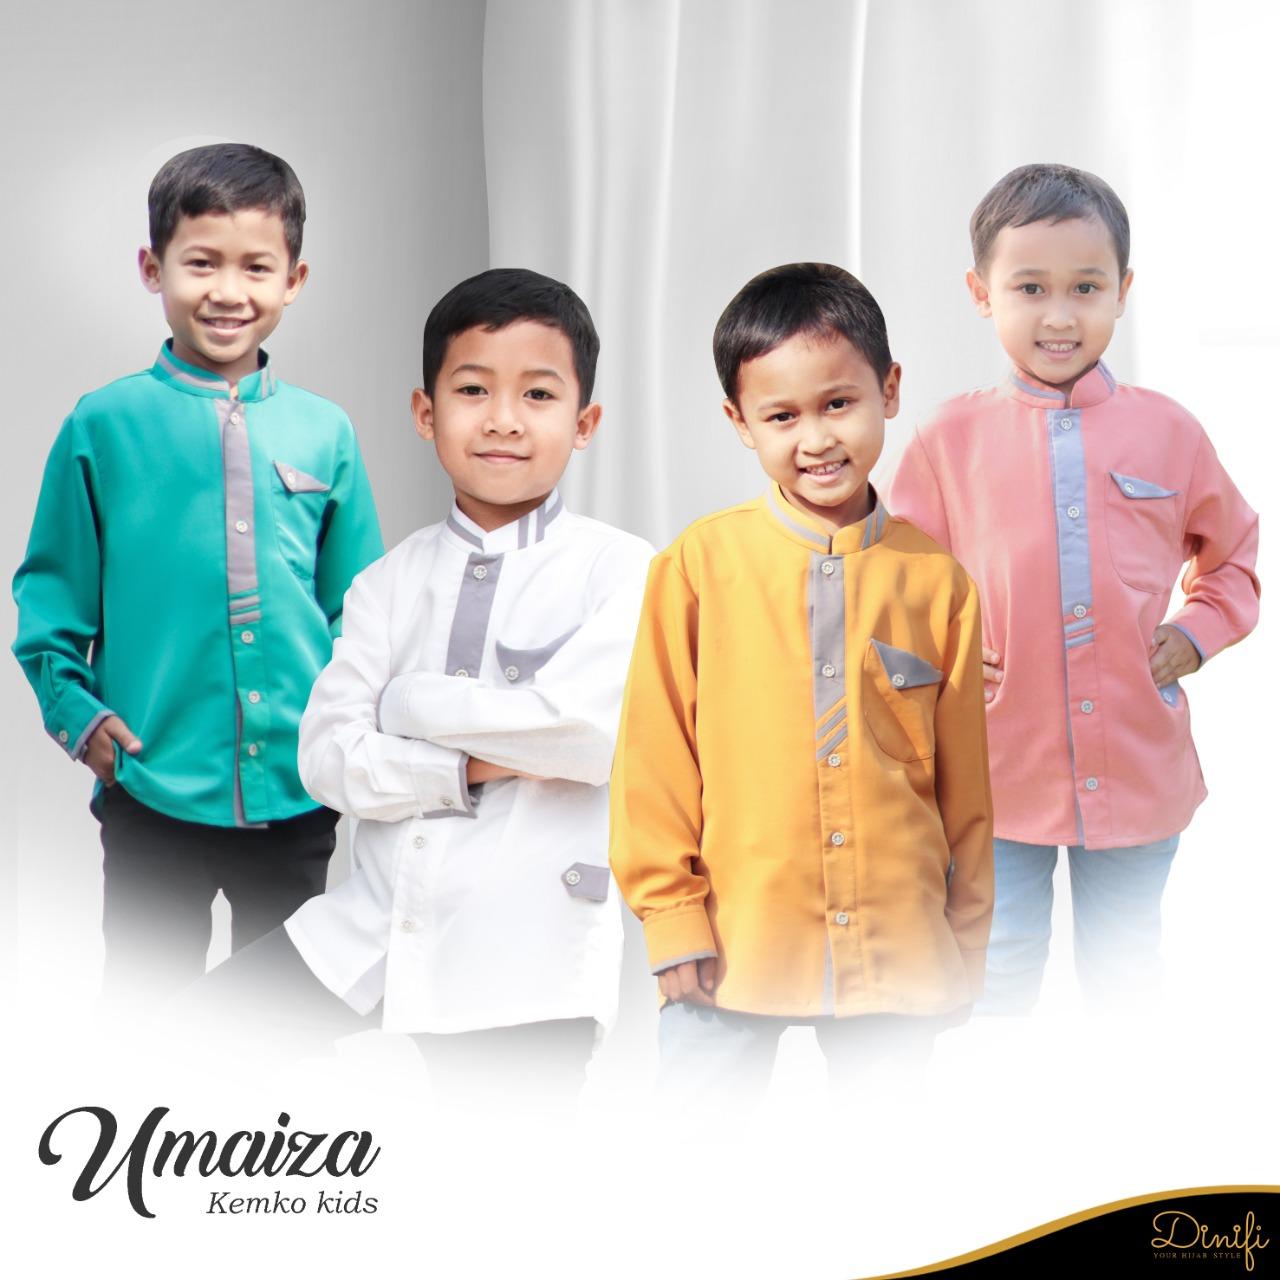 Kemko Umaiza Kids